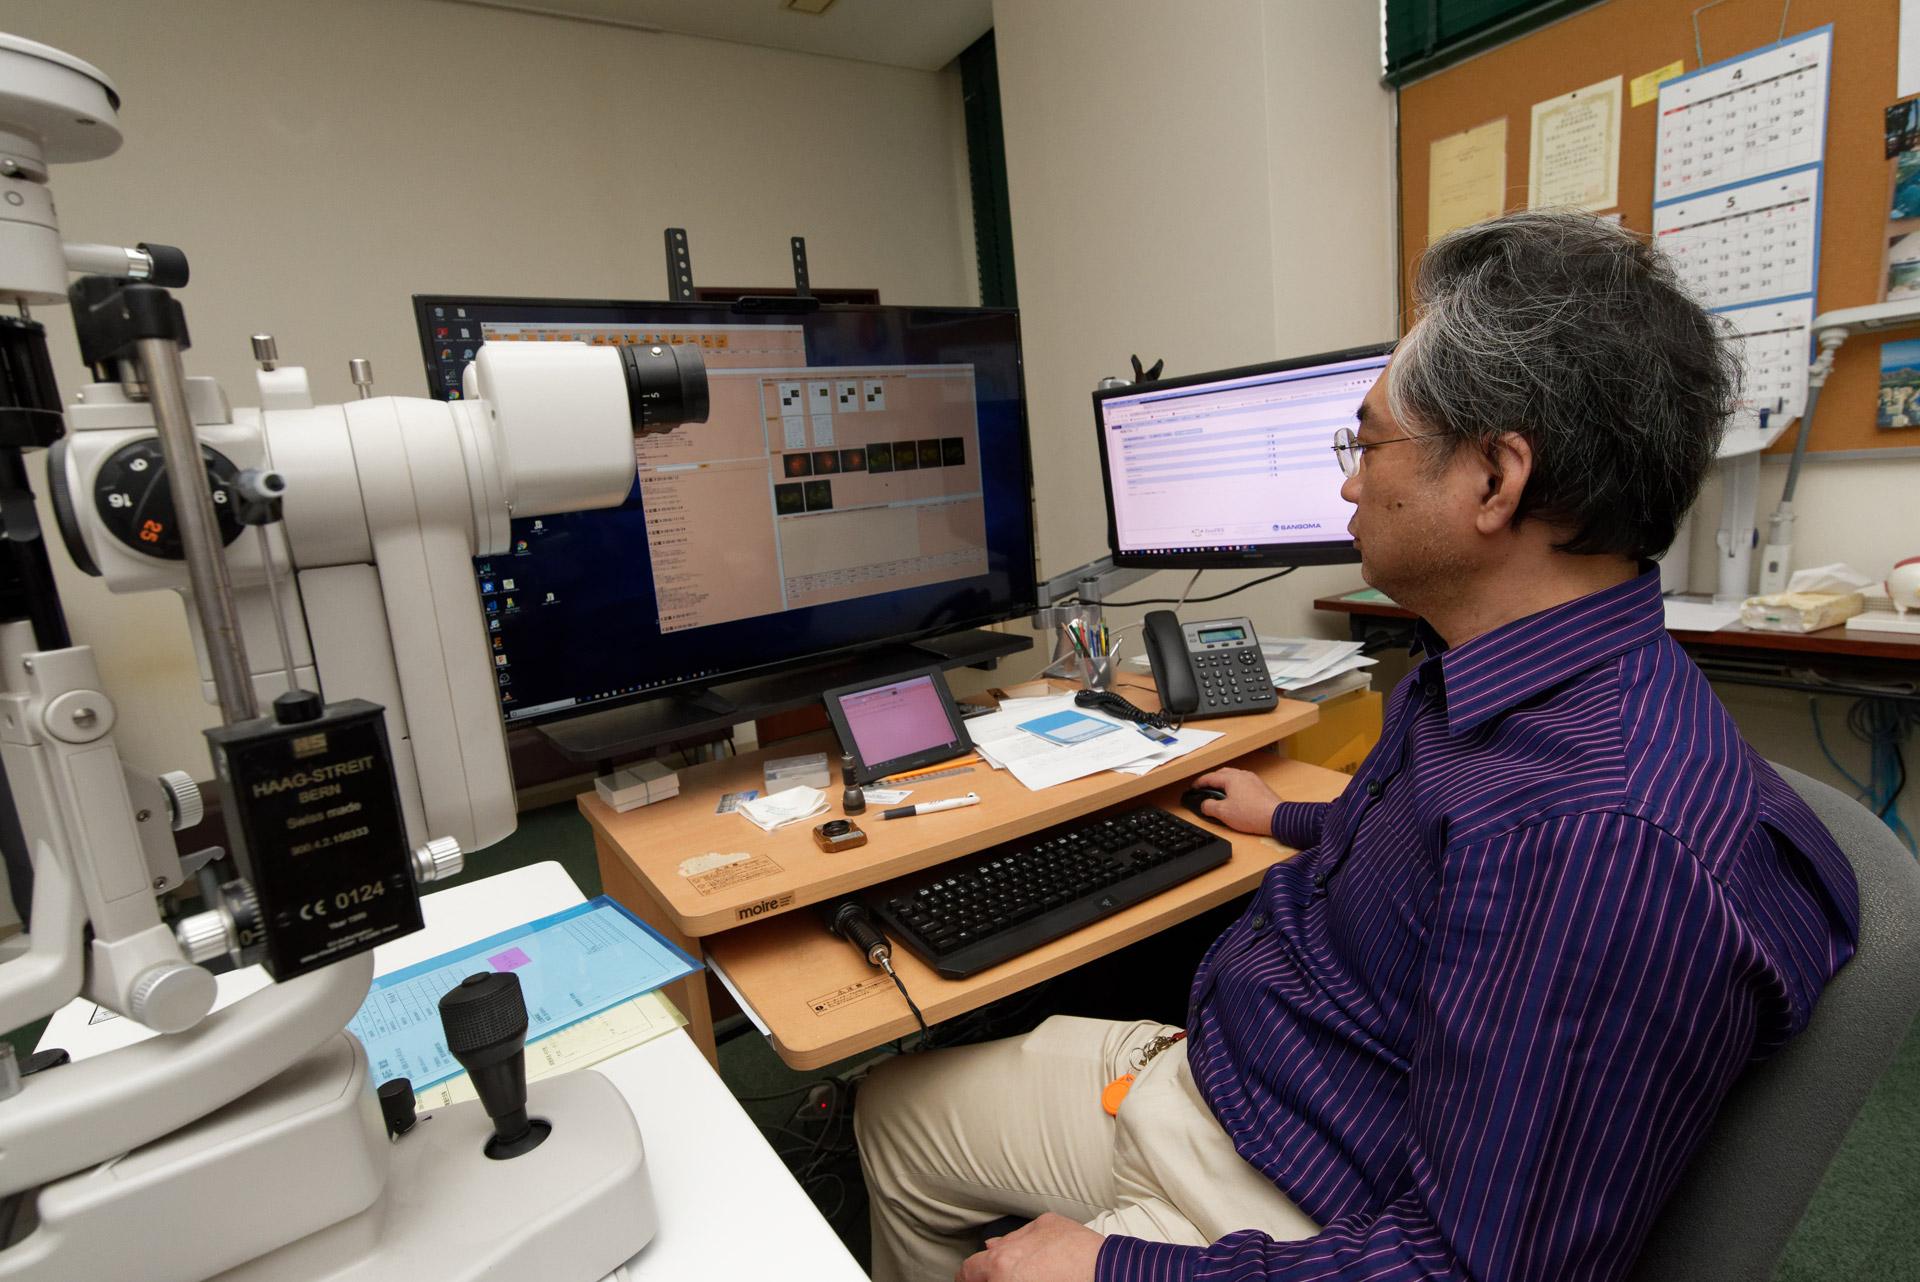 診察時に使う大画面4Kモニター。患者さんにとっても視認しやすく、好評とか